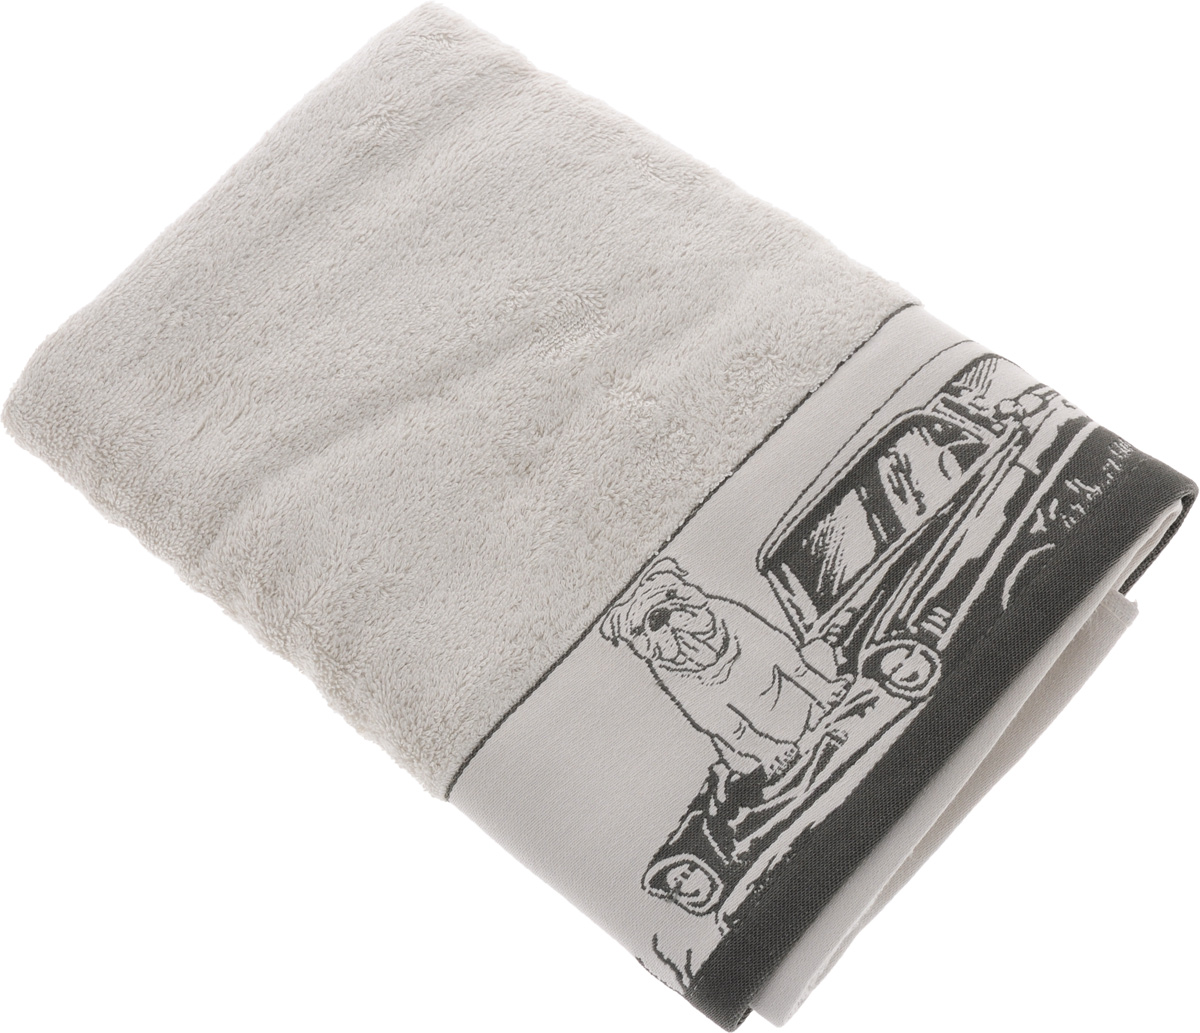 Полотенце Mona Liza Pet, цвет: светло-серый, серый, 70 х 140 см68/5/3Мягкое полотенце Pet изготовлено из 30% хлопка и 70% бамбукового волокна. Полотенце Pet с жаккардовым бордюром обладает высокой впитывающей способностью и сочетает в себе элегантную роскошь и практичность. Благодаря высокому качеству изготовления, полотенце будет радовать вас многие годы. Мотивы коллекции Mona Liza Premium bu Serg Look навеяны итальянскими фресками эпохи Ренессанса, периода удивительной гармонии в искусстве. В представленной коллекции для нанесения на ткань рисунка применяется многоцветная печать, метод реактивного крашения, который позволяет создать уникальную цветовую гамму, напоминающую старинные фрески. Этот метод также обеспечивает высокую устойчивость краски при стирке.